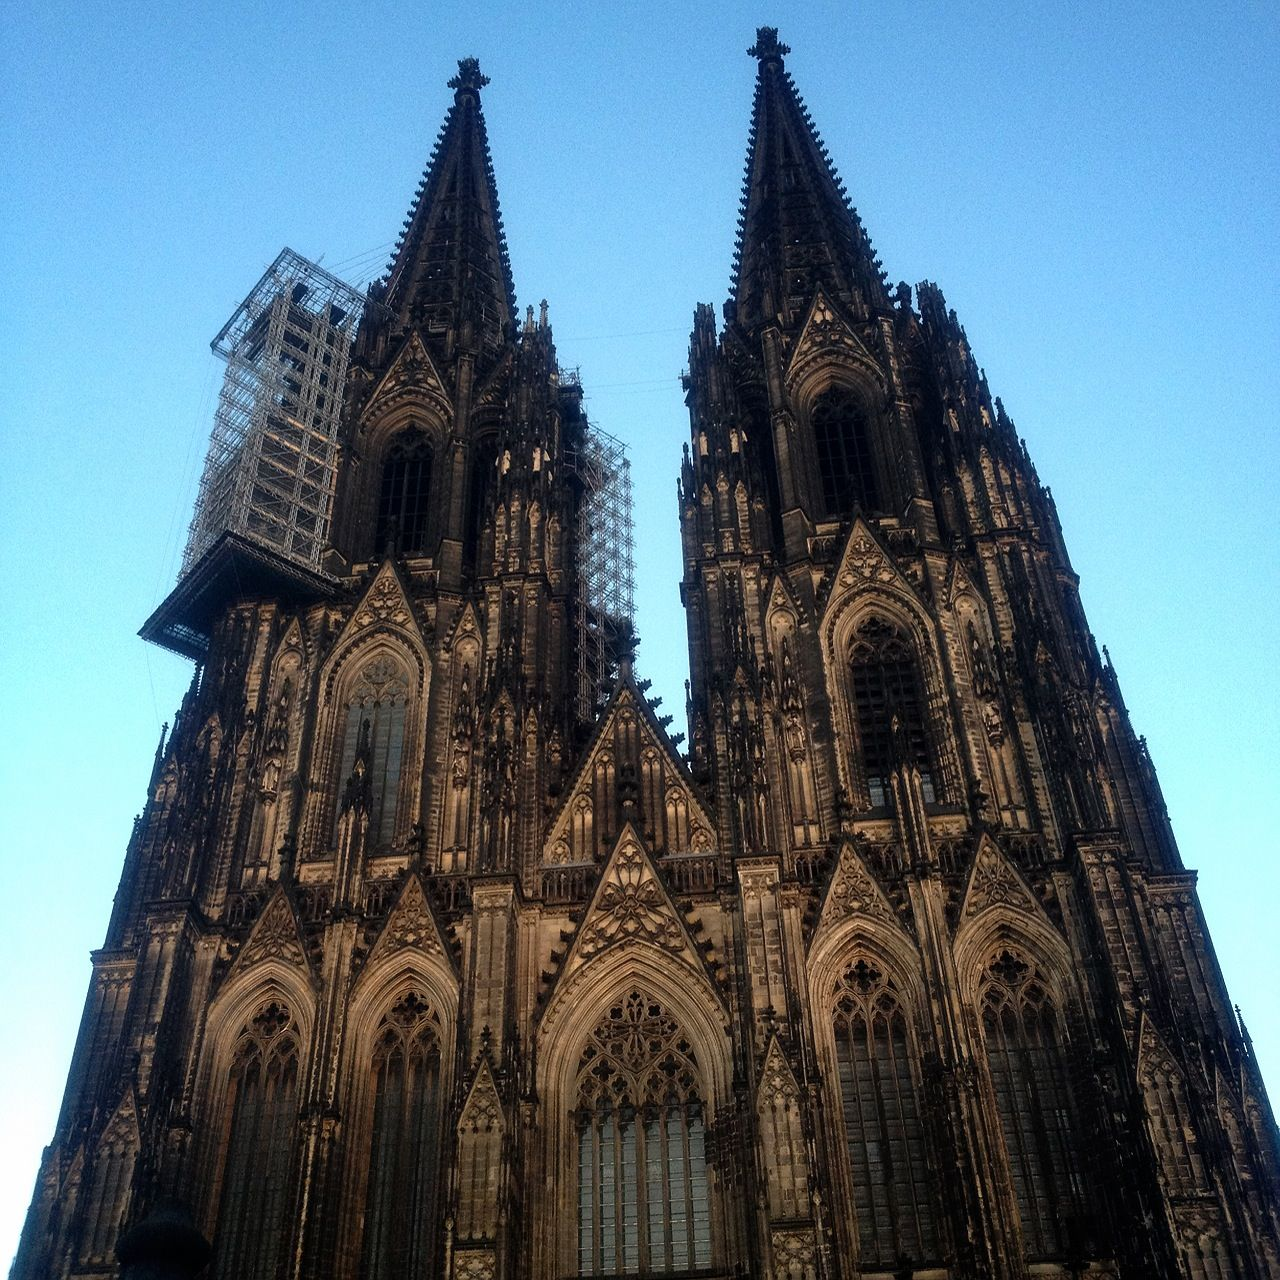 ケルン大聖堂の画像 p1_13